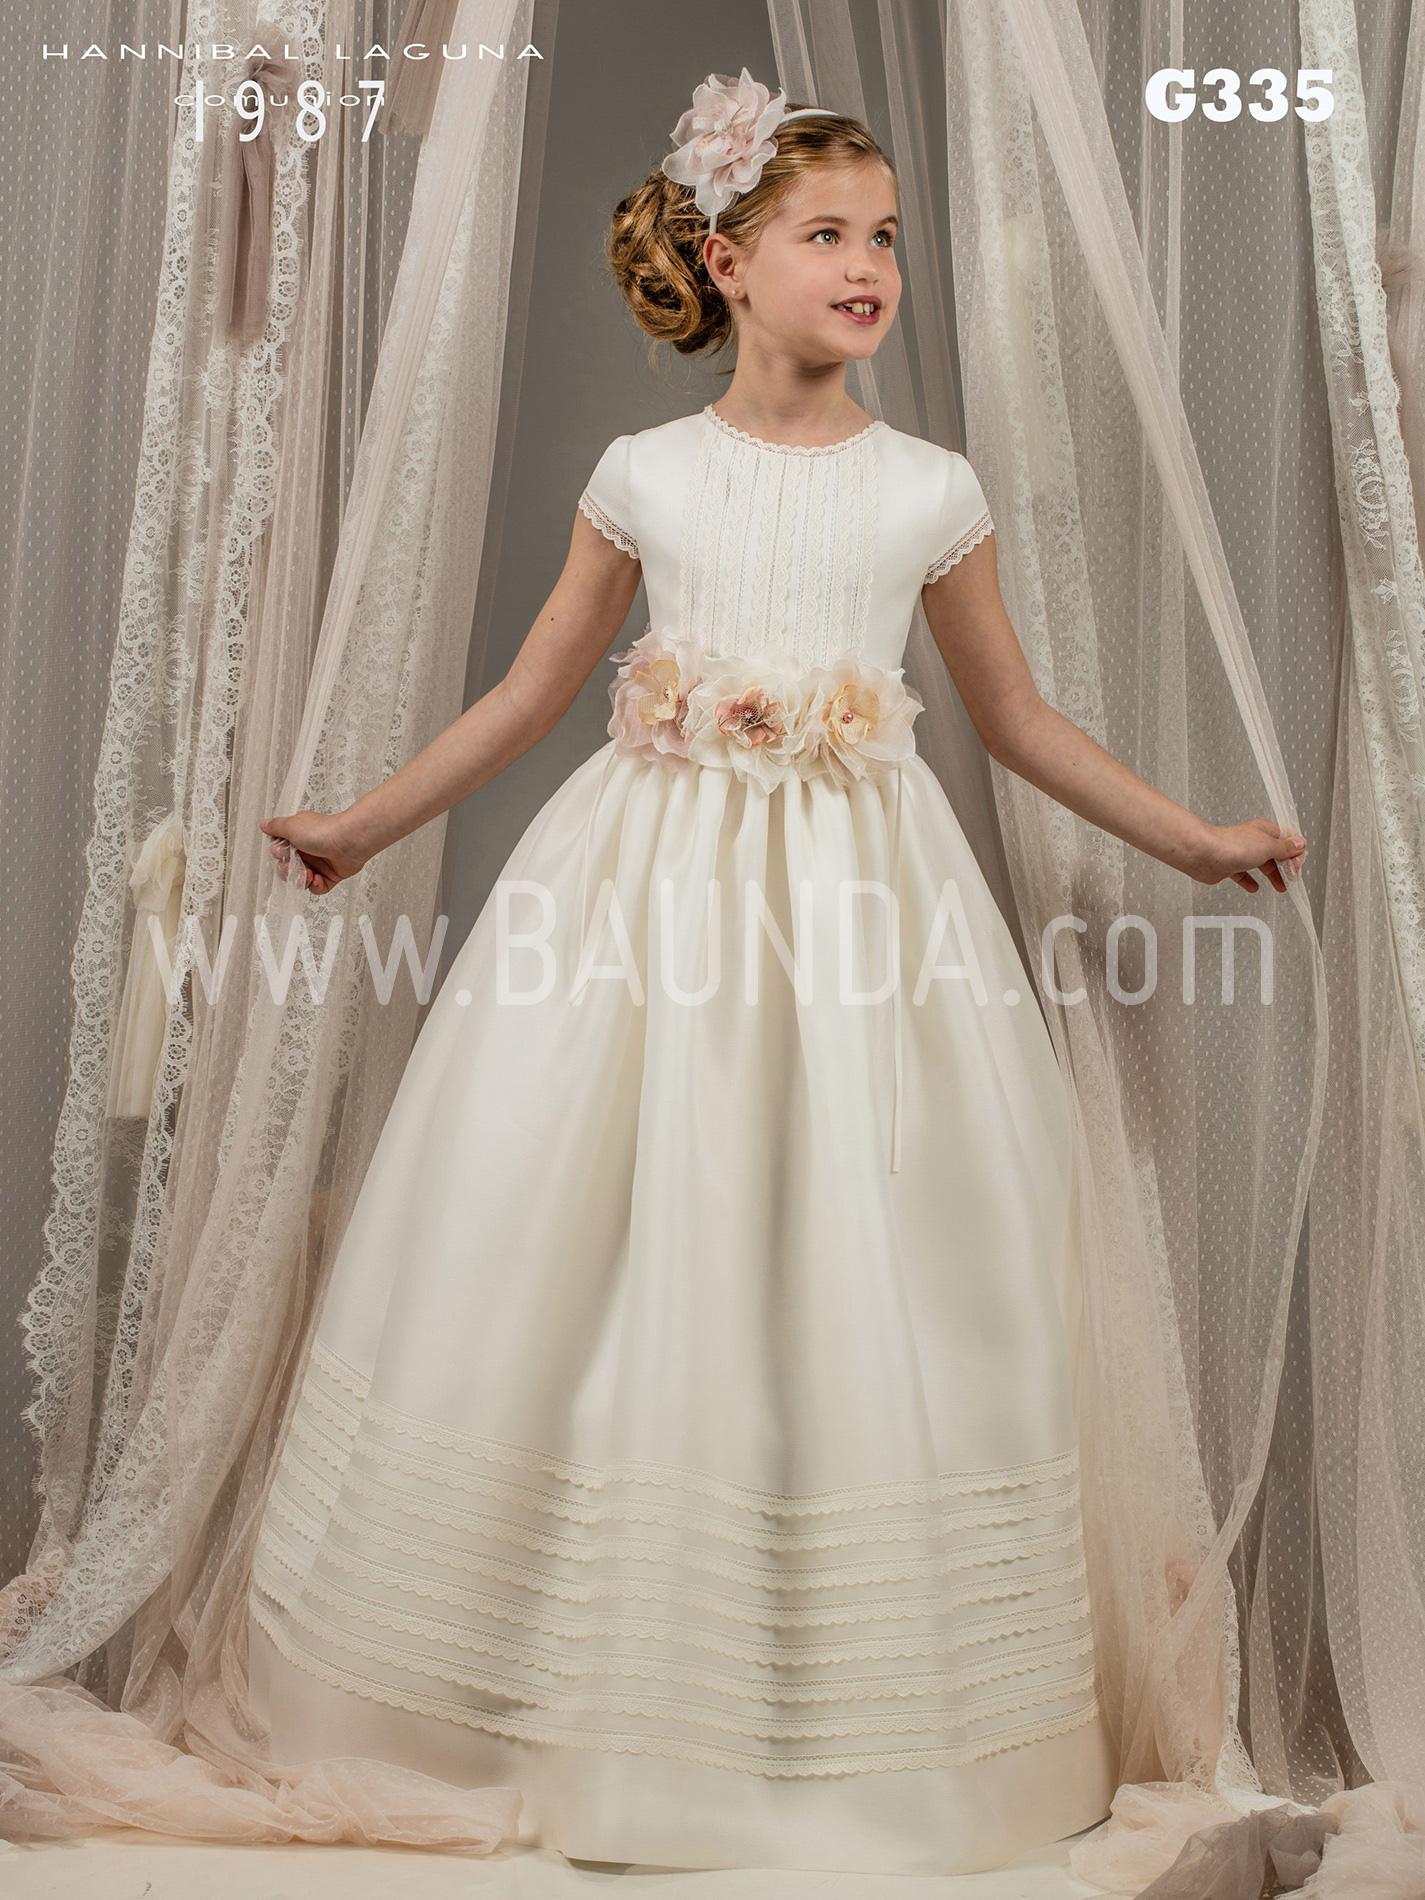 Baunda com vestidos de comunion